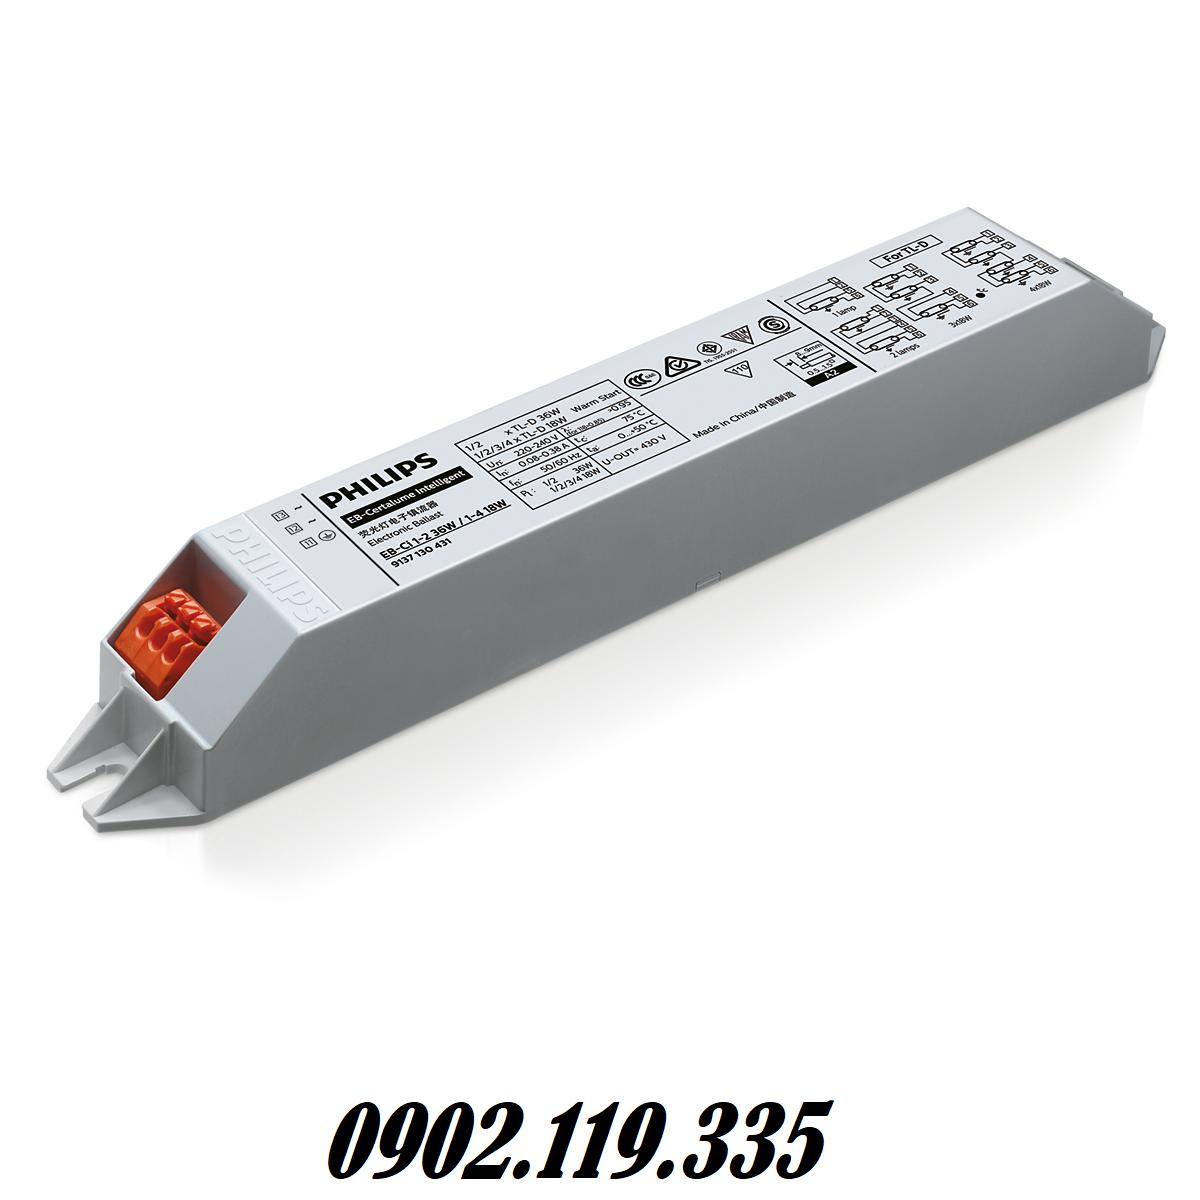 chấn lưu điện tử philips chất lượng cao, an toàn khi sử dụng